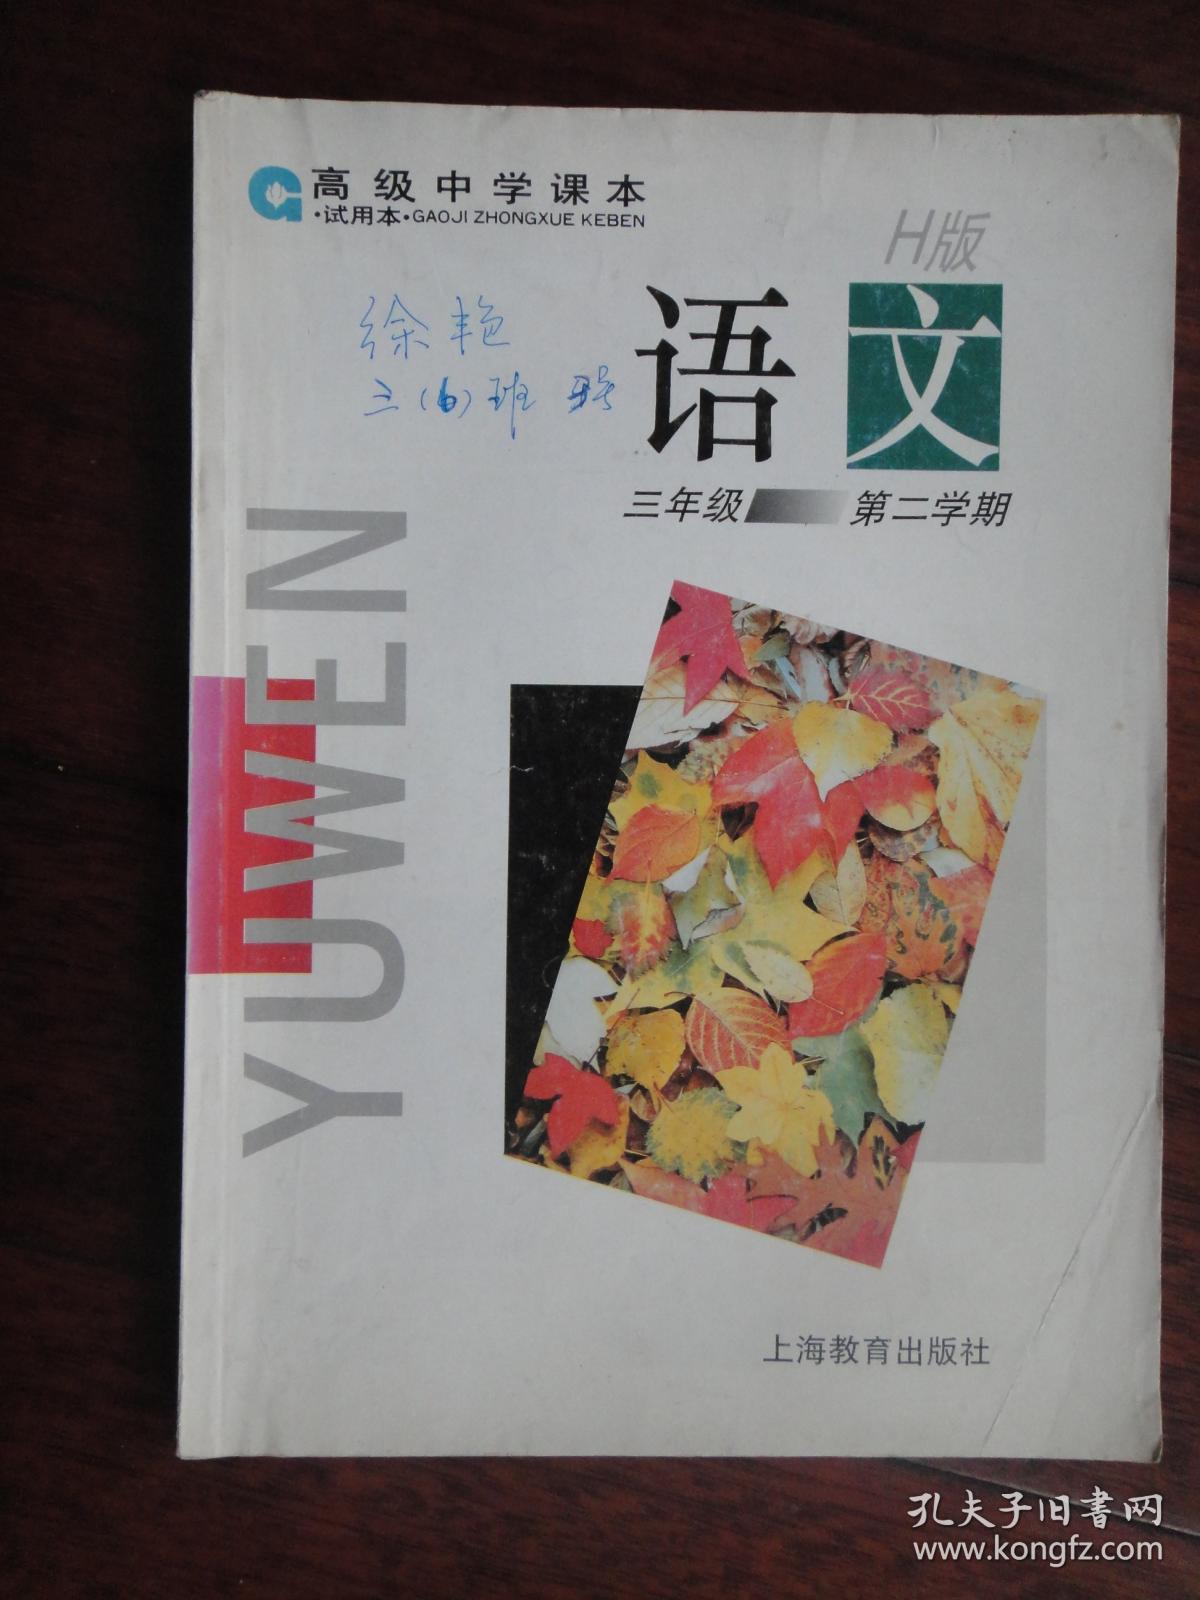 高级中学学期-高中H版(三年级第二课本)上海教台山市语文哪些有图片